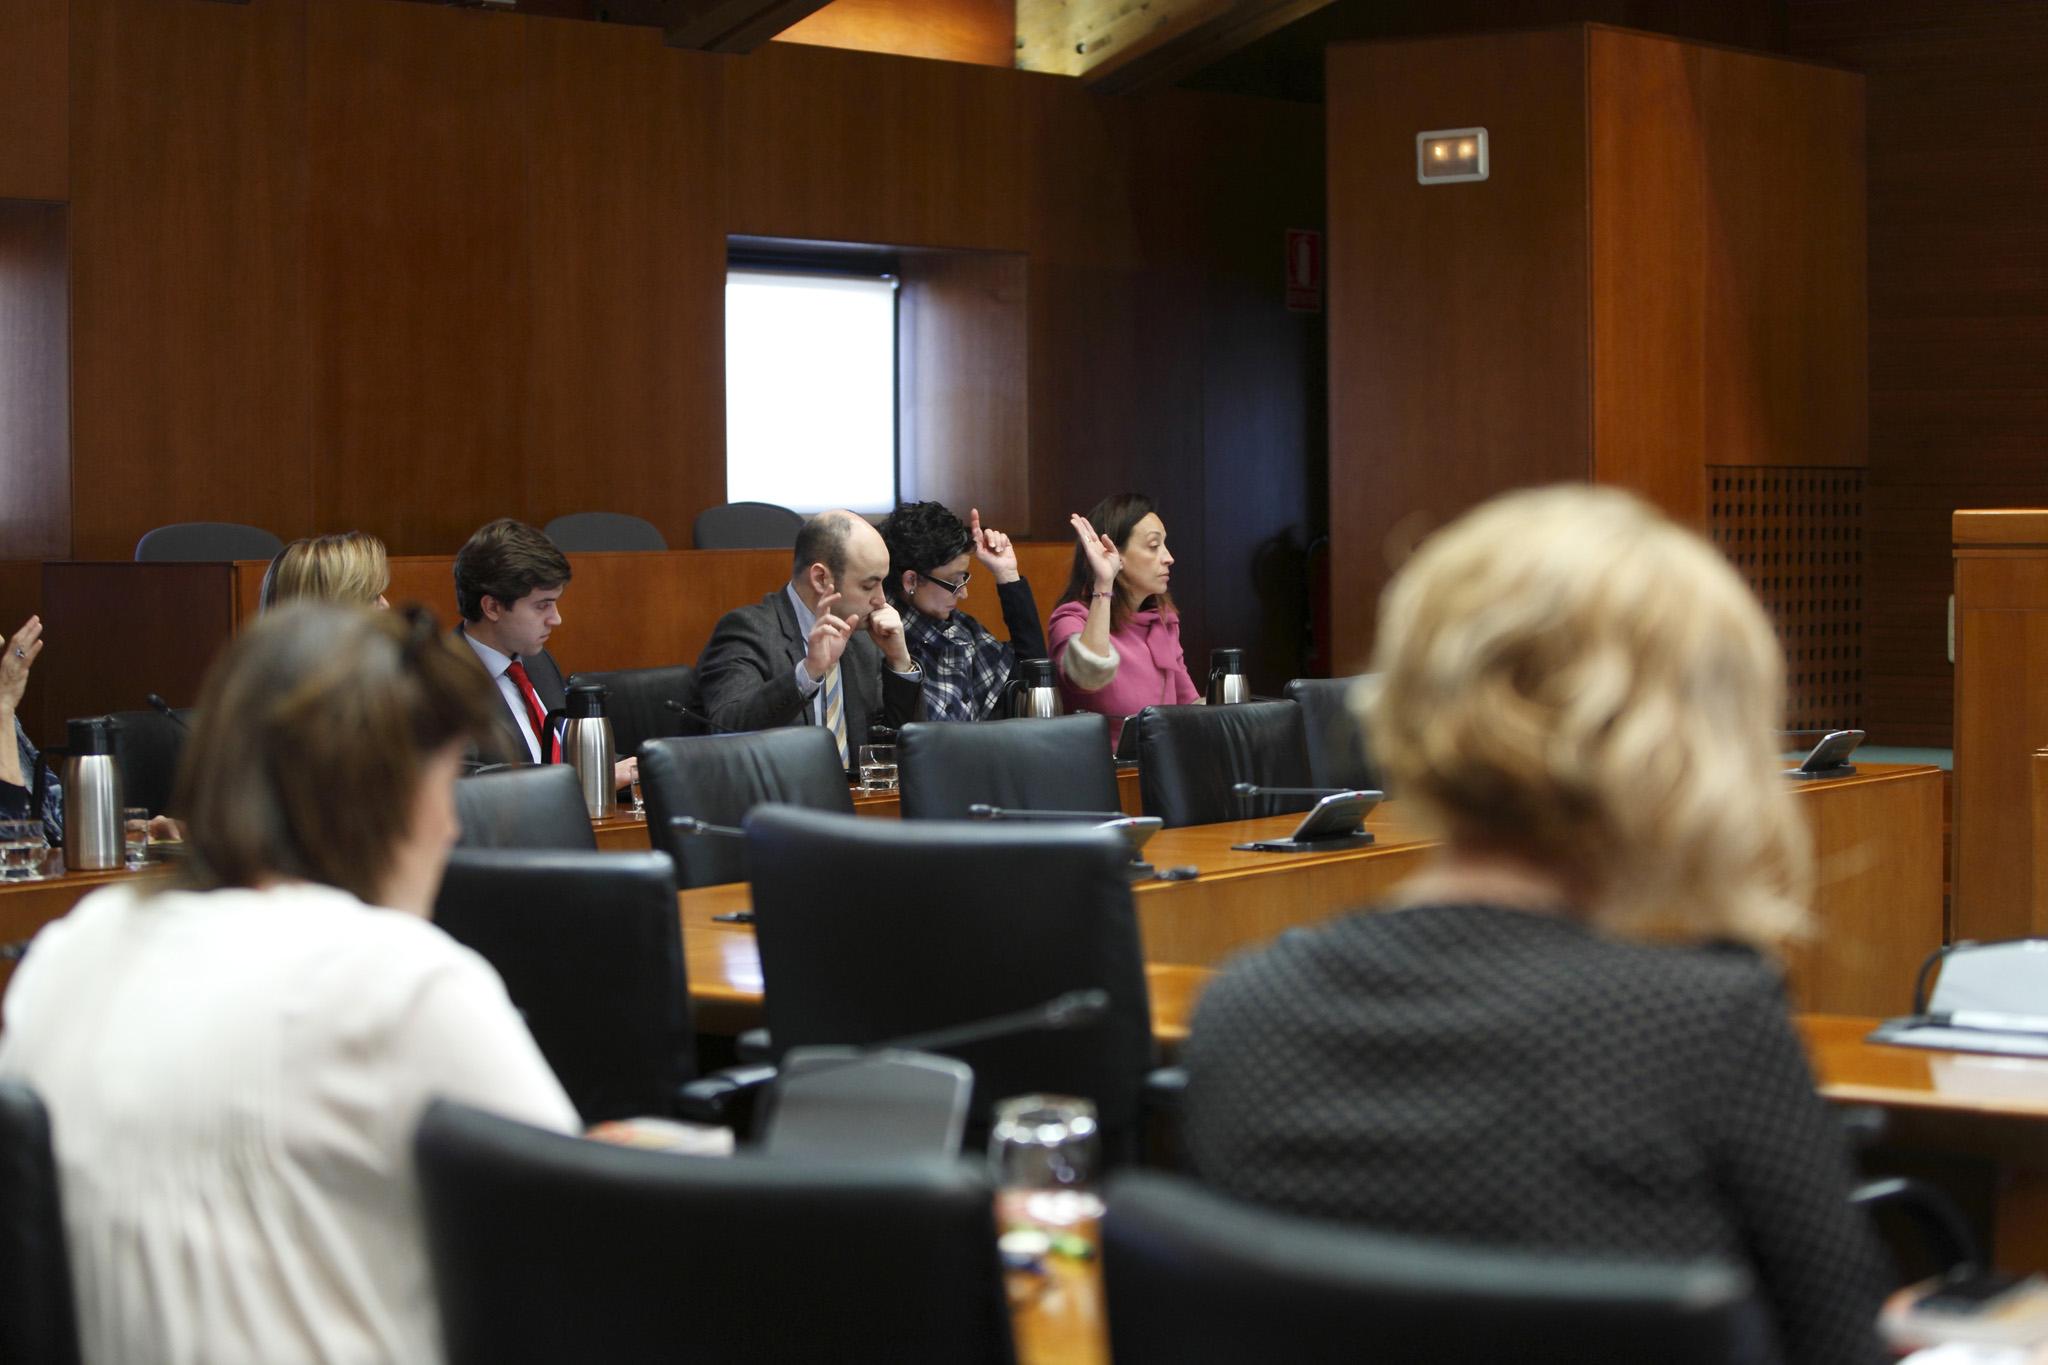 La comisi n de sanidad bienestar social y familia eleva for Oficina de bienestar social y familia